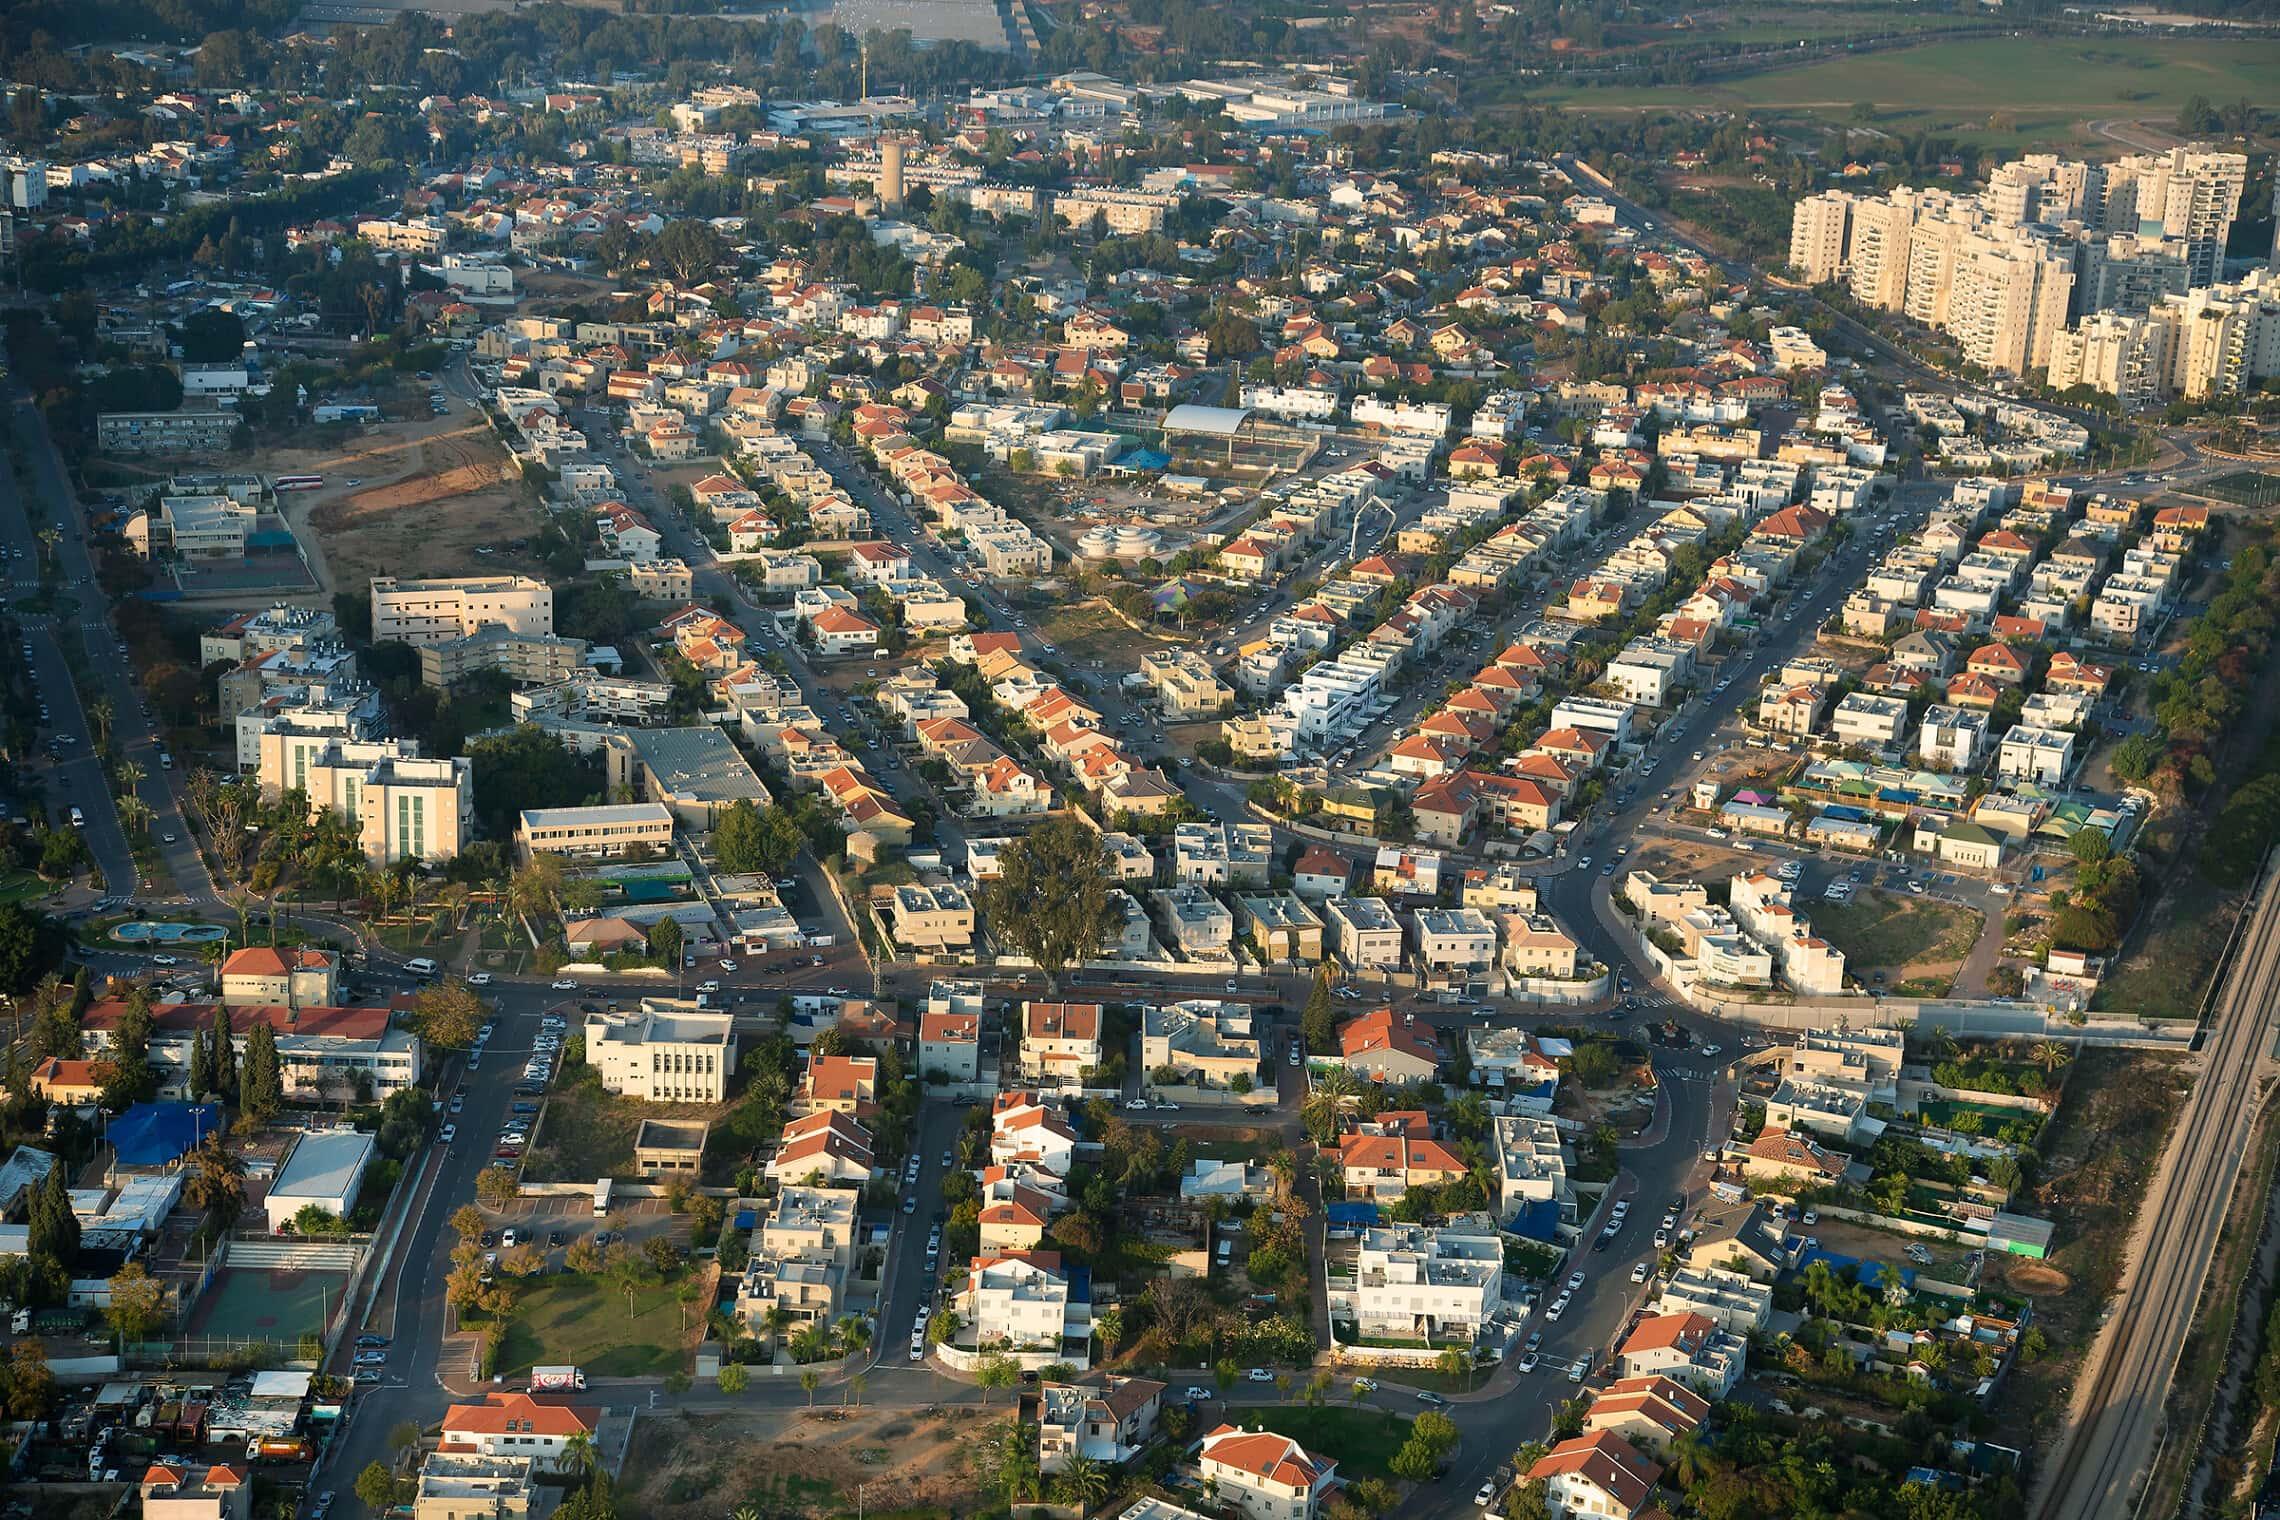 מבט-על על העיר לוד, דצמבר 2019 (צילום: משה שי/פלאש90)